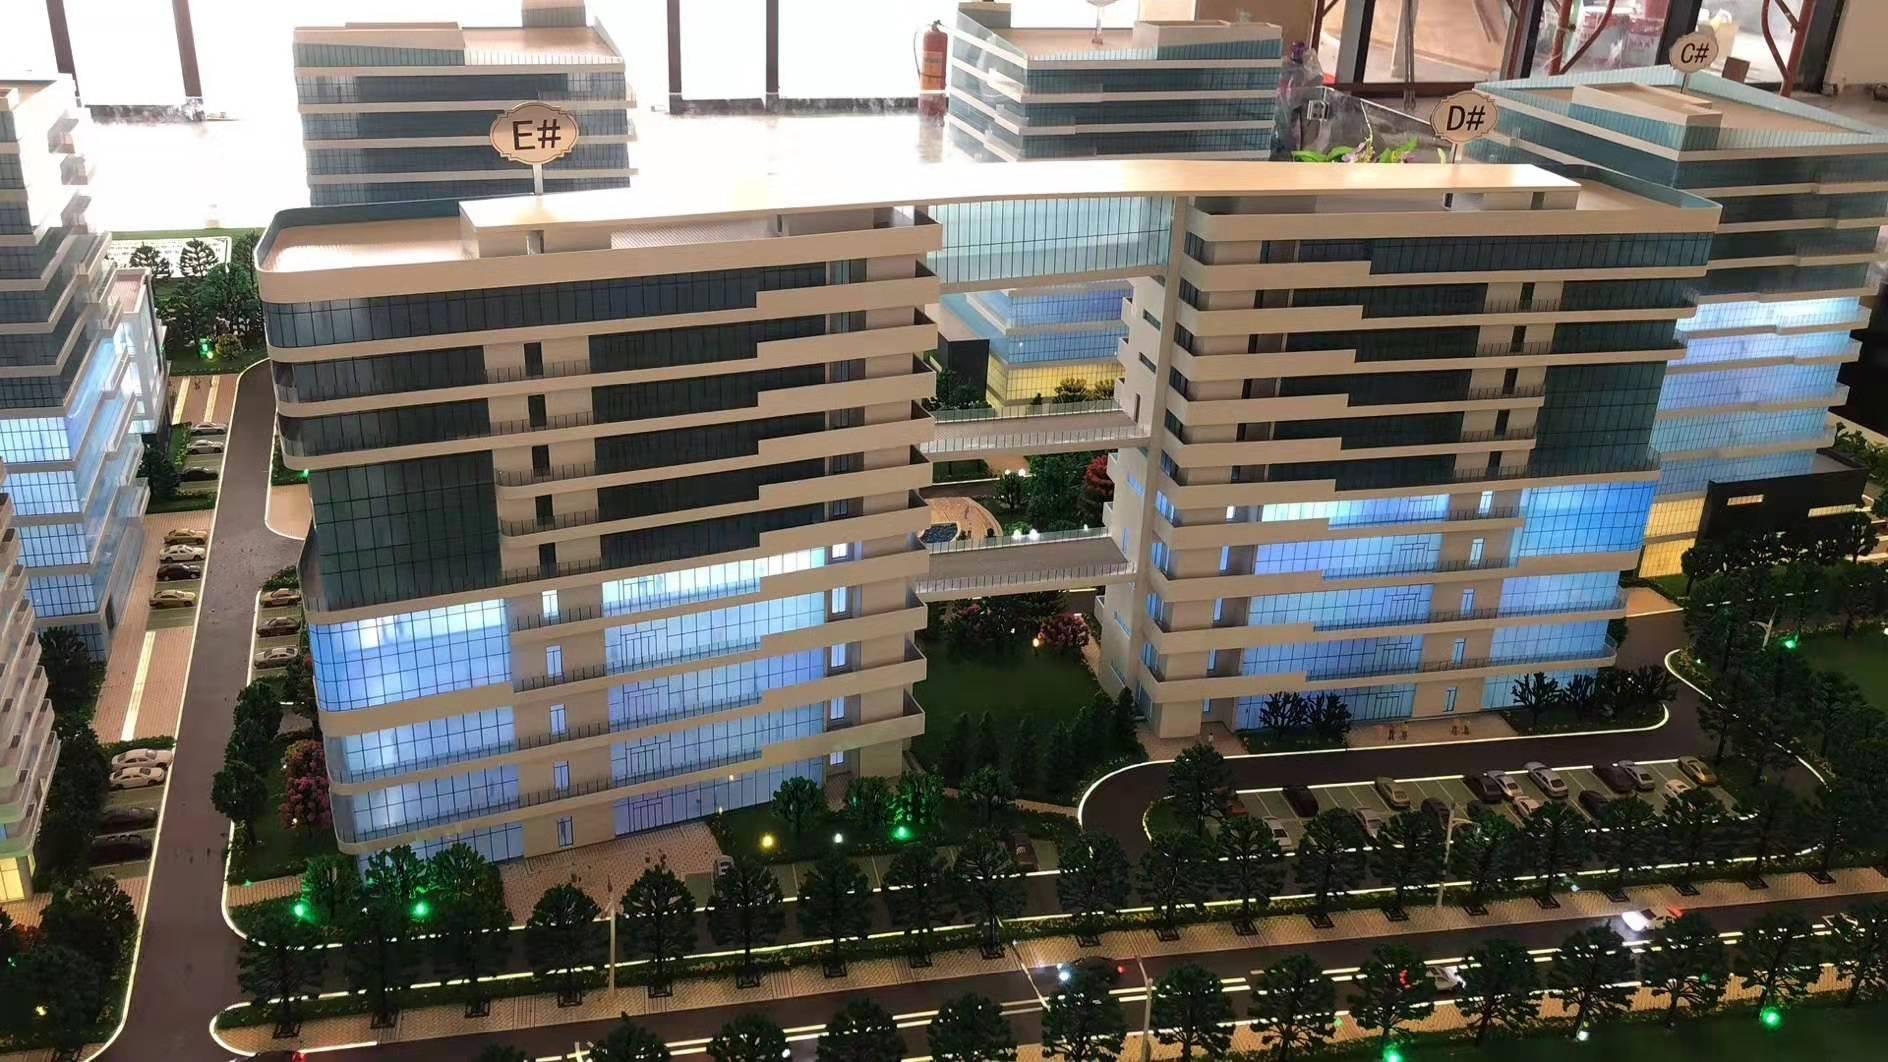 东莞多个分层出售可按揭,小面积有红本产业项目,欢迎致电咨询